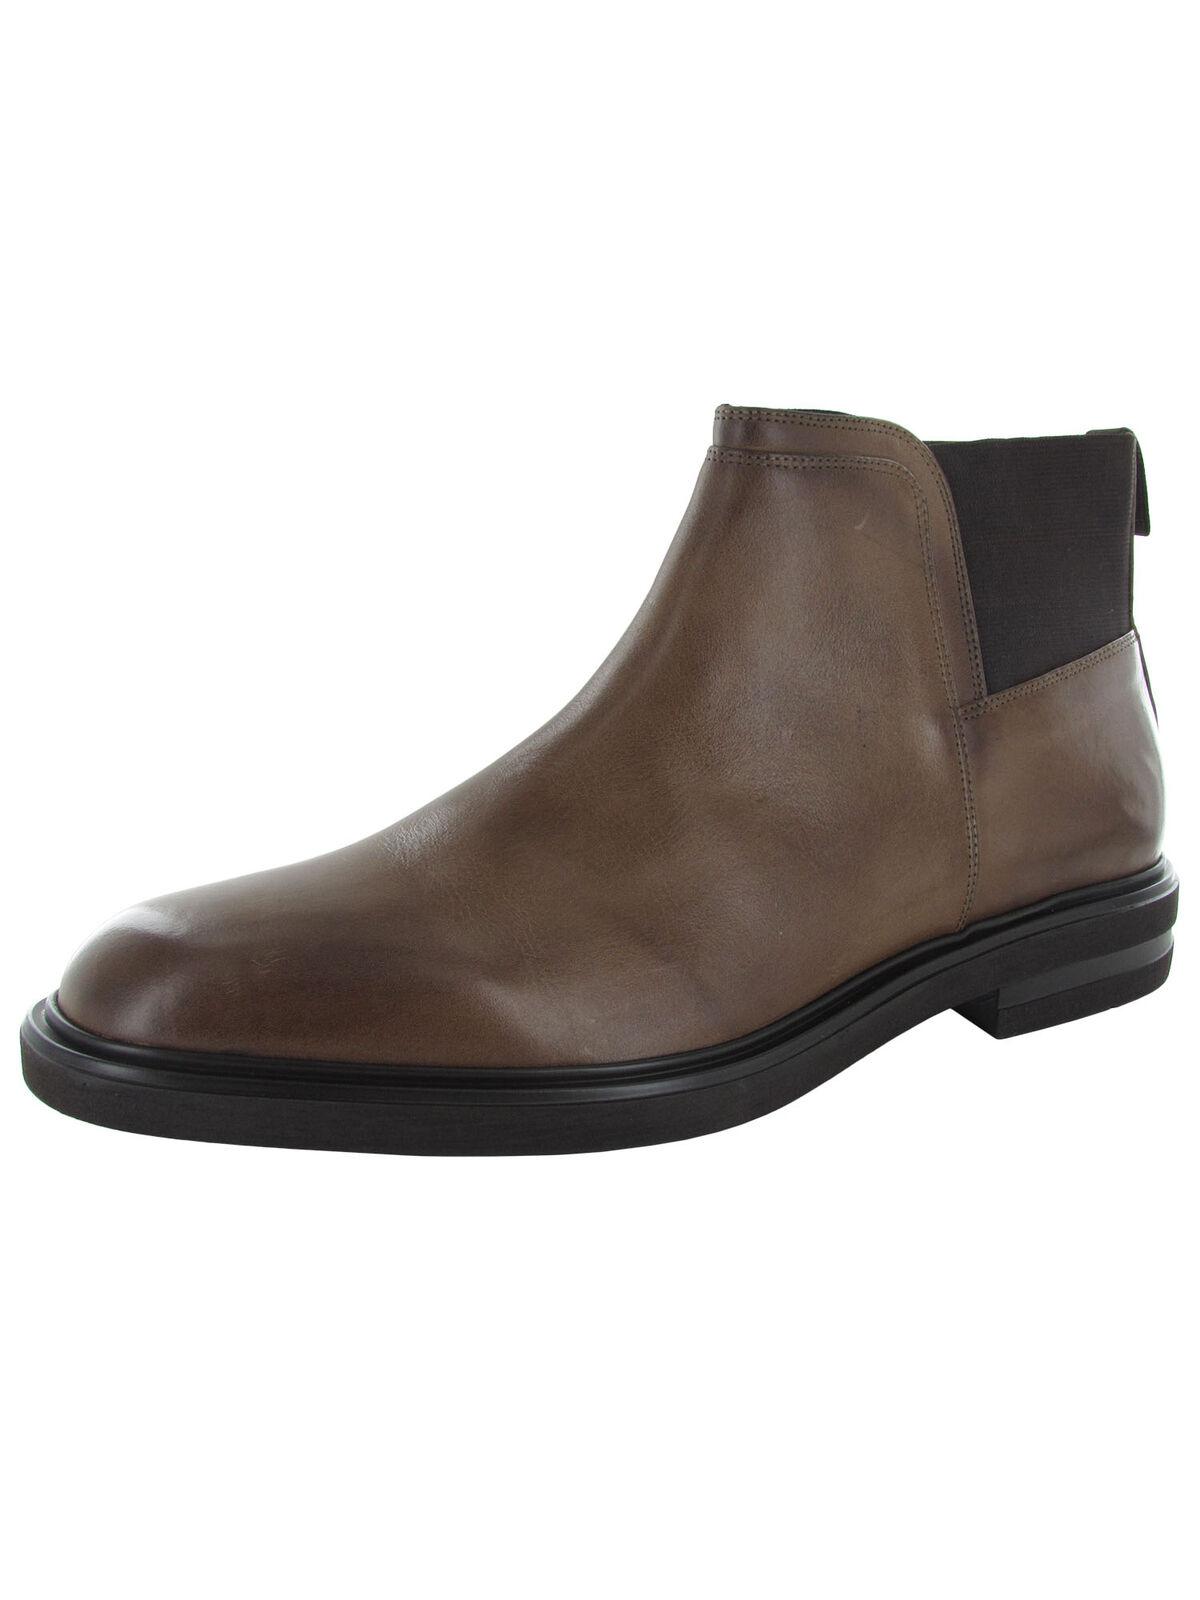 Donald J Pliner Mens Enrico-5X Chelsea Boot Shoes, Expresso, US 11